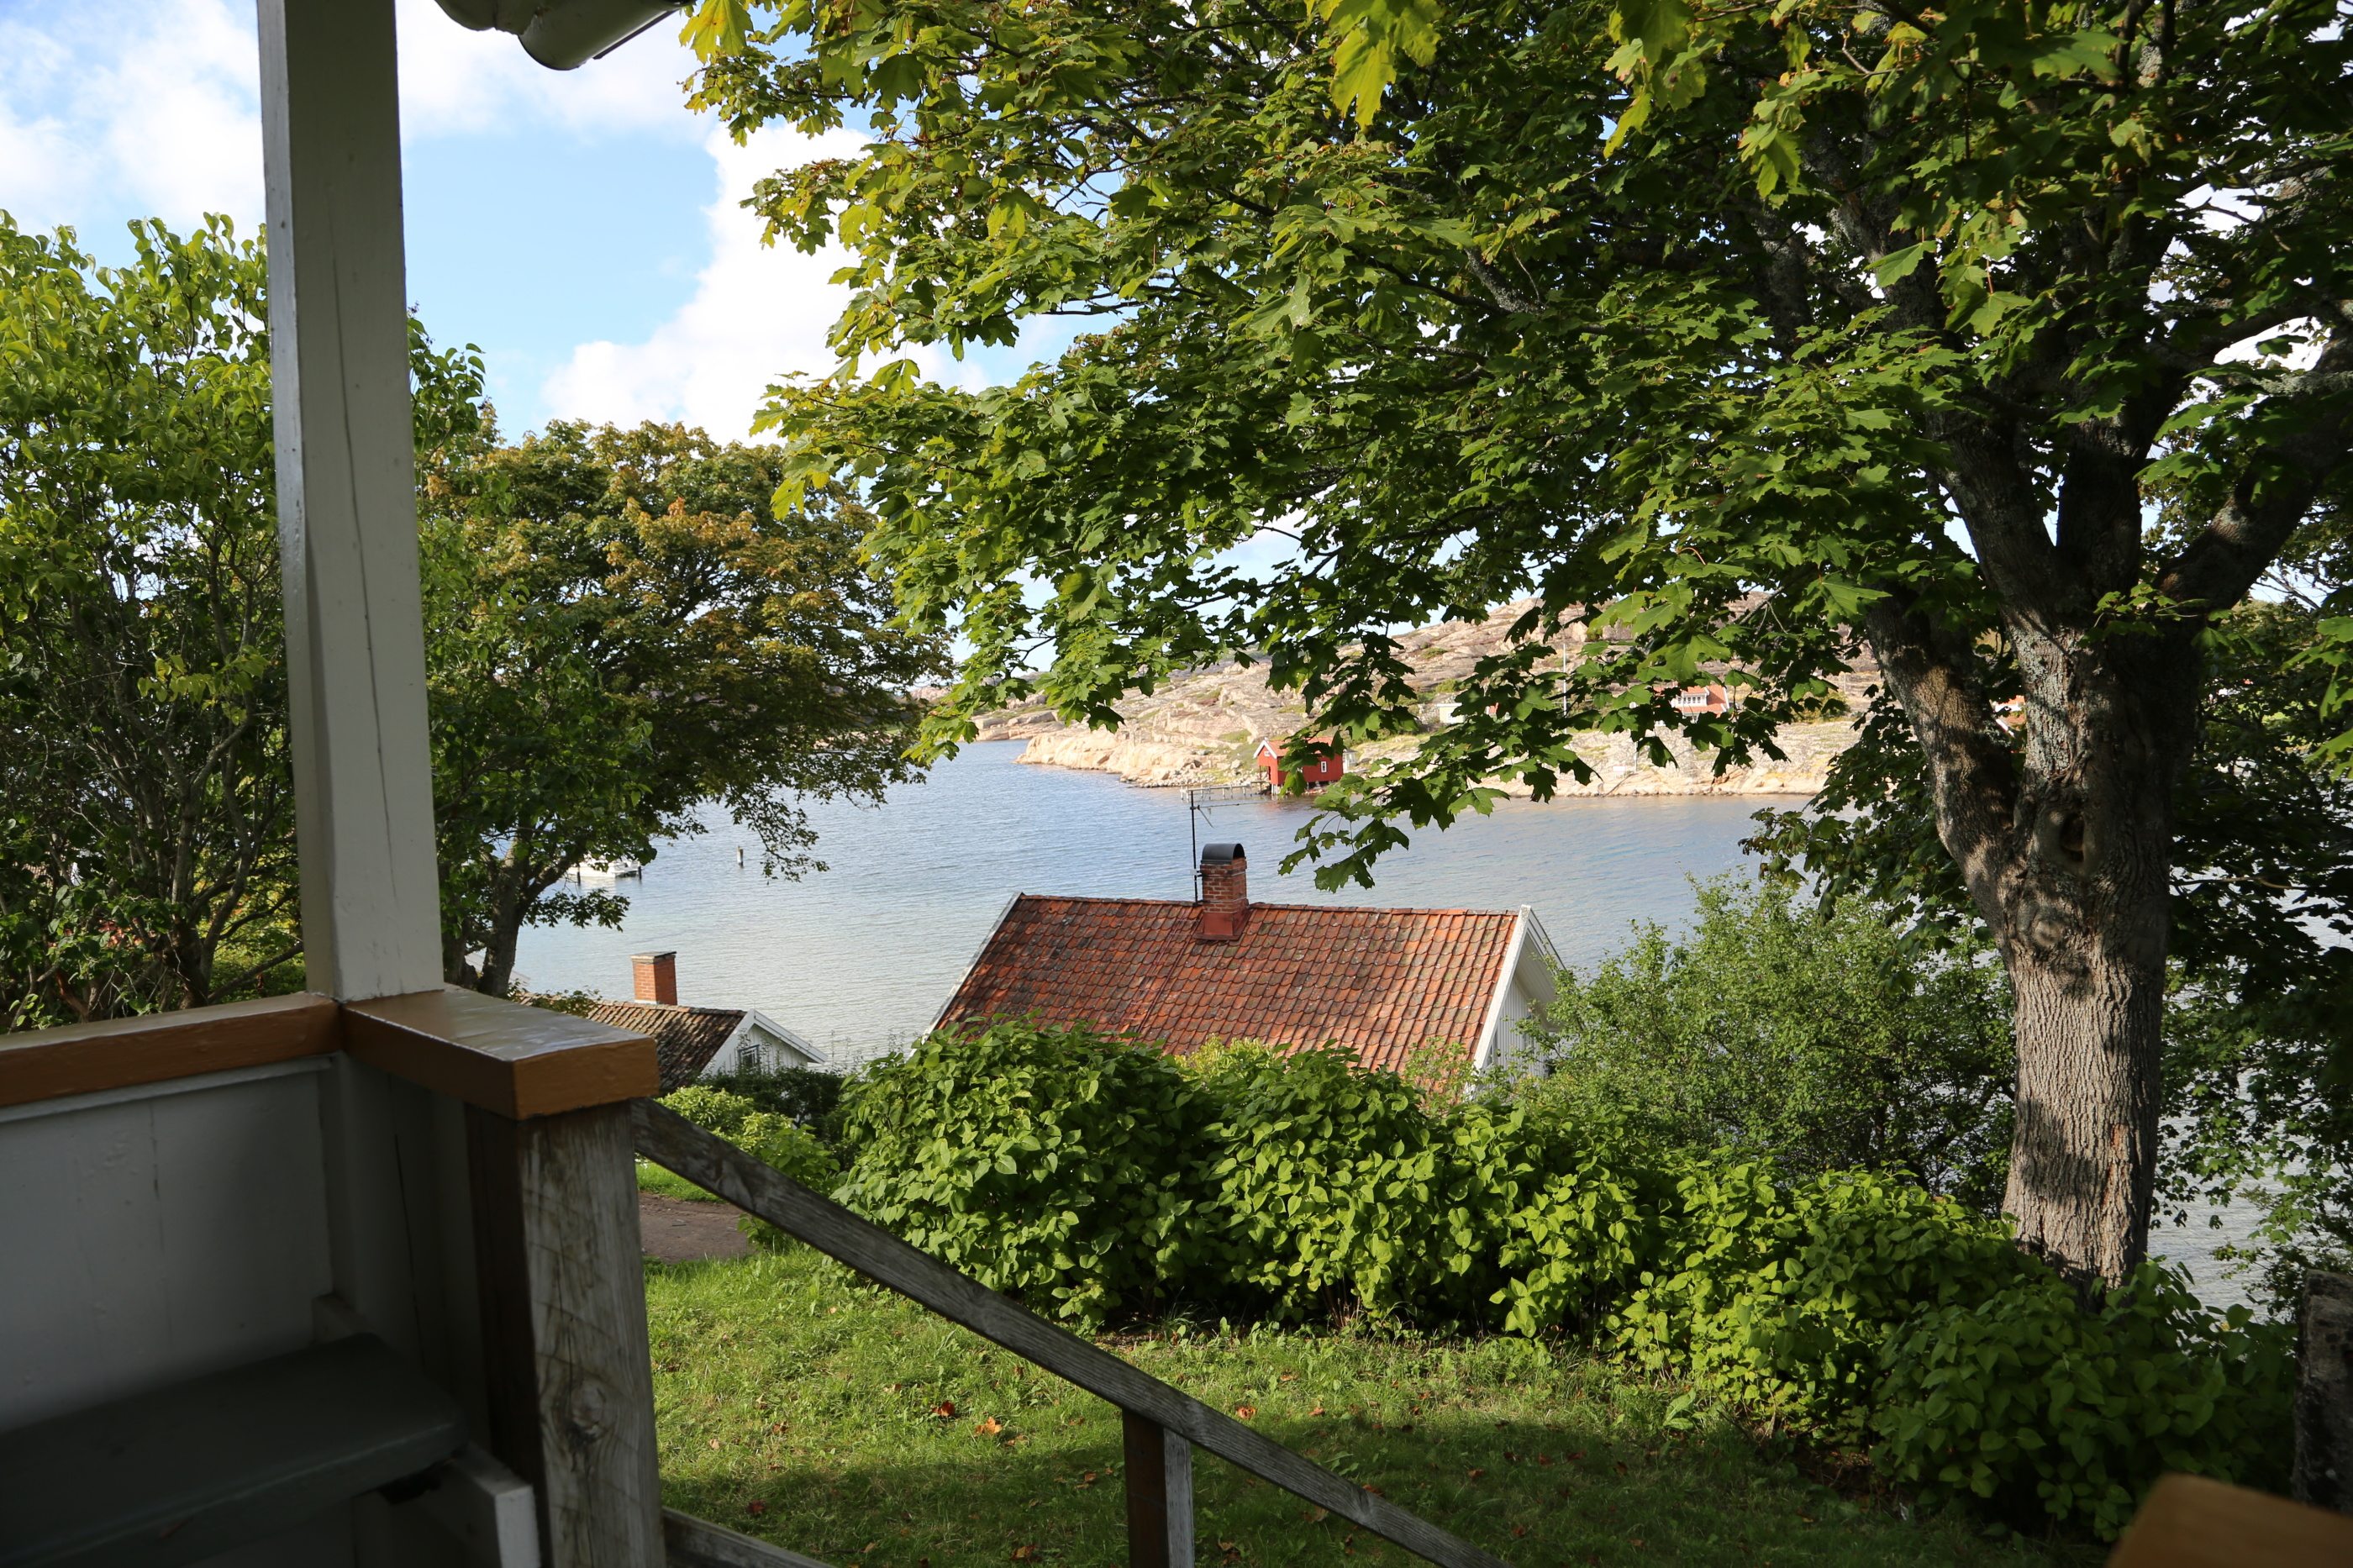 Utsikt från trappan till Everts Hus.